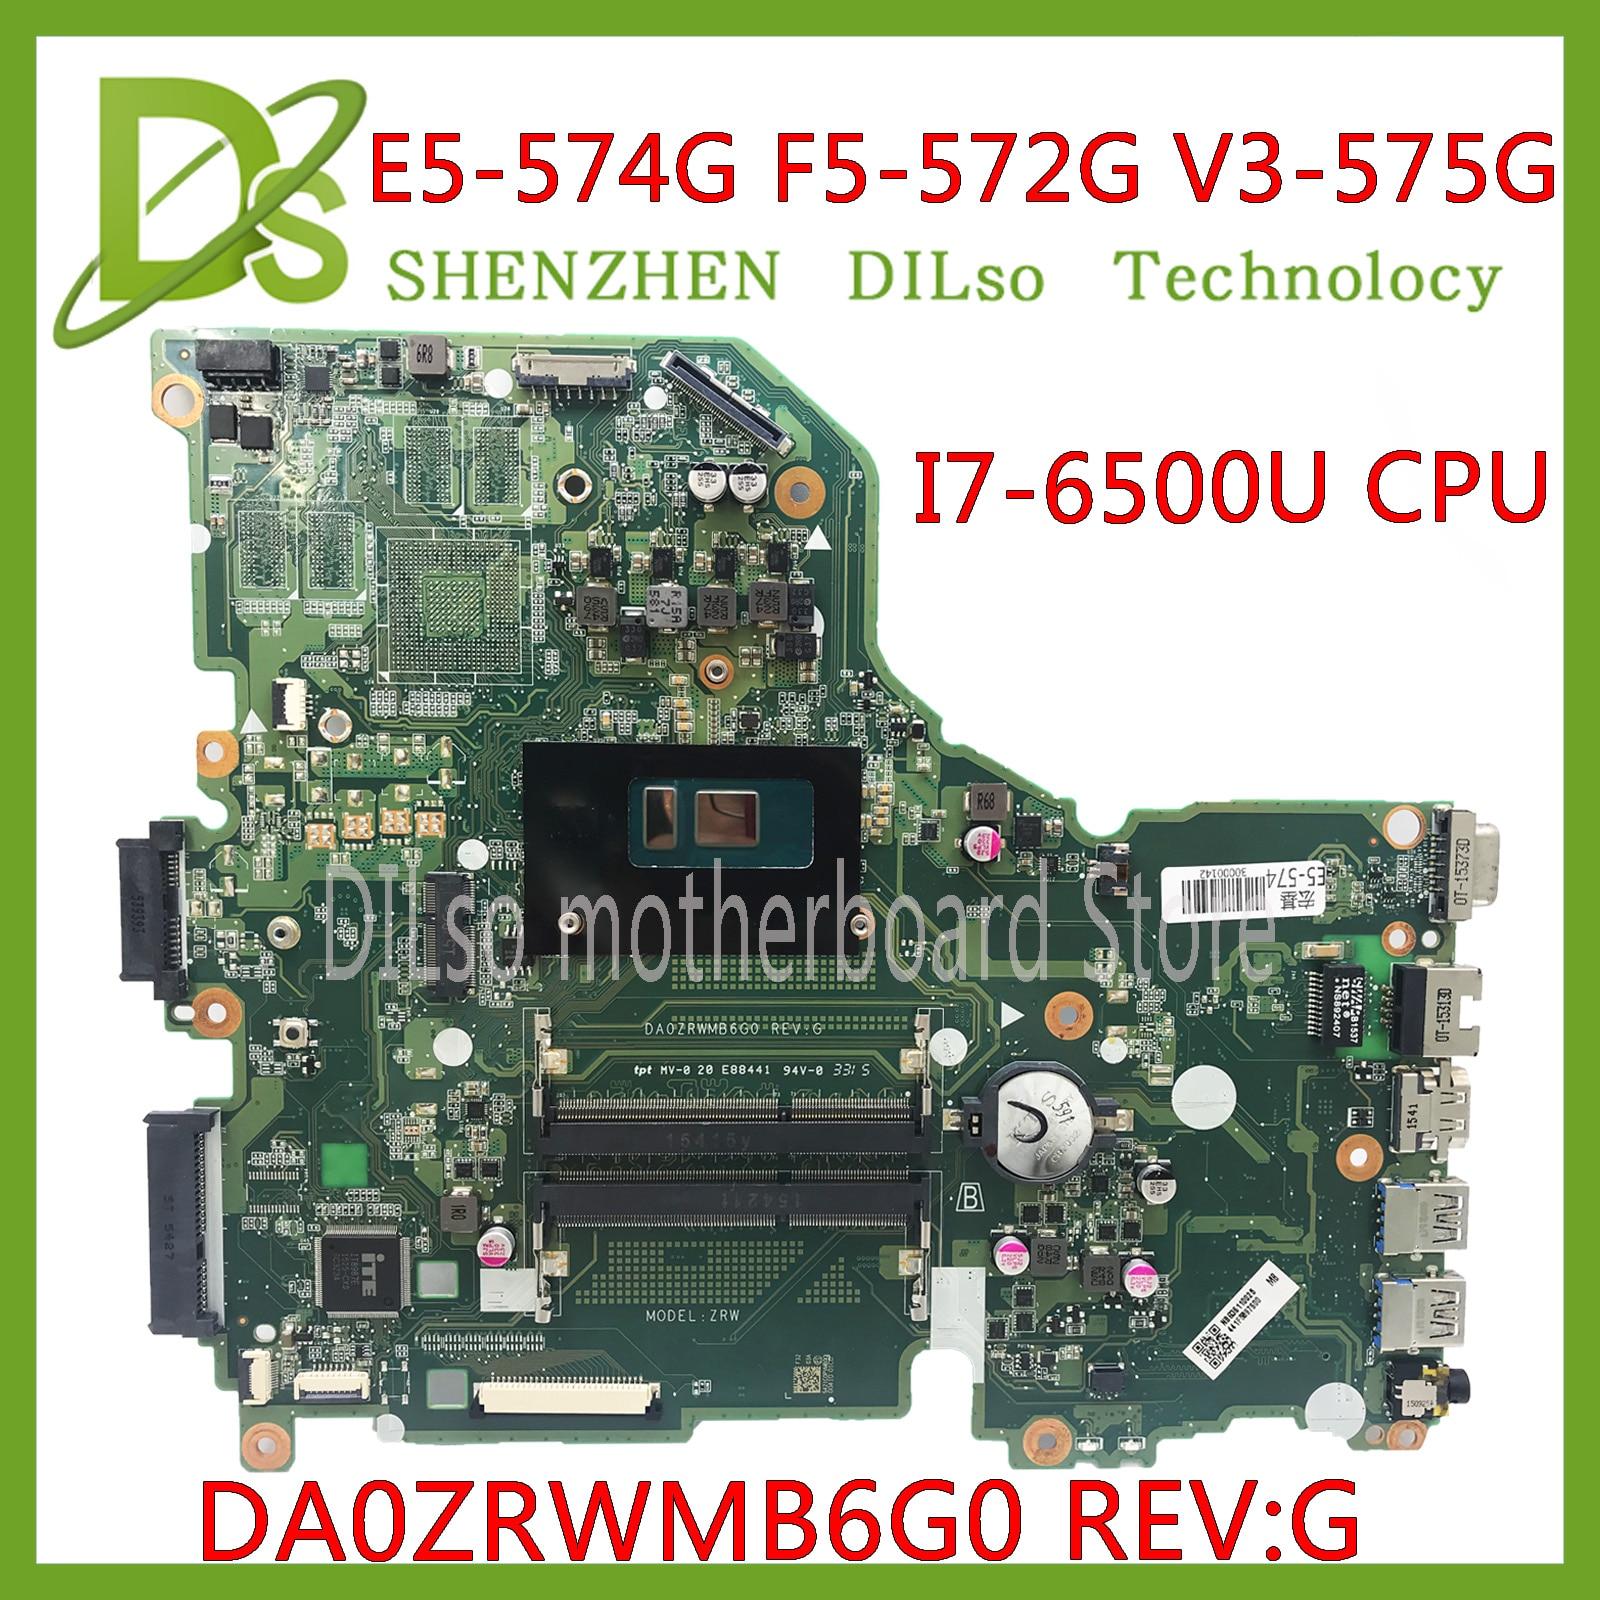 KEFU E5-574G placa base para Acer Aspire E5-574 E5-574G F5-572 V3-575 V3-575G placa base I7-6500U CPU DA0ZRWMB6G0 prueba original